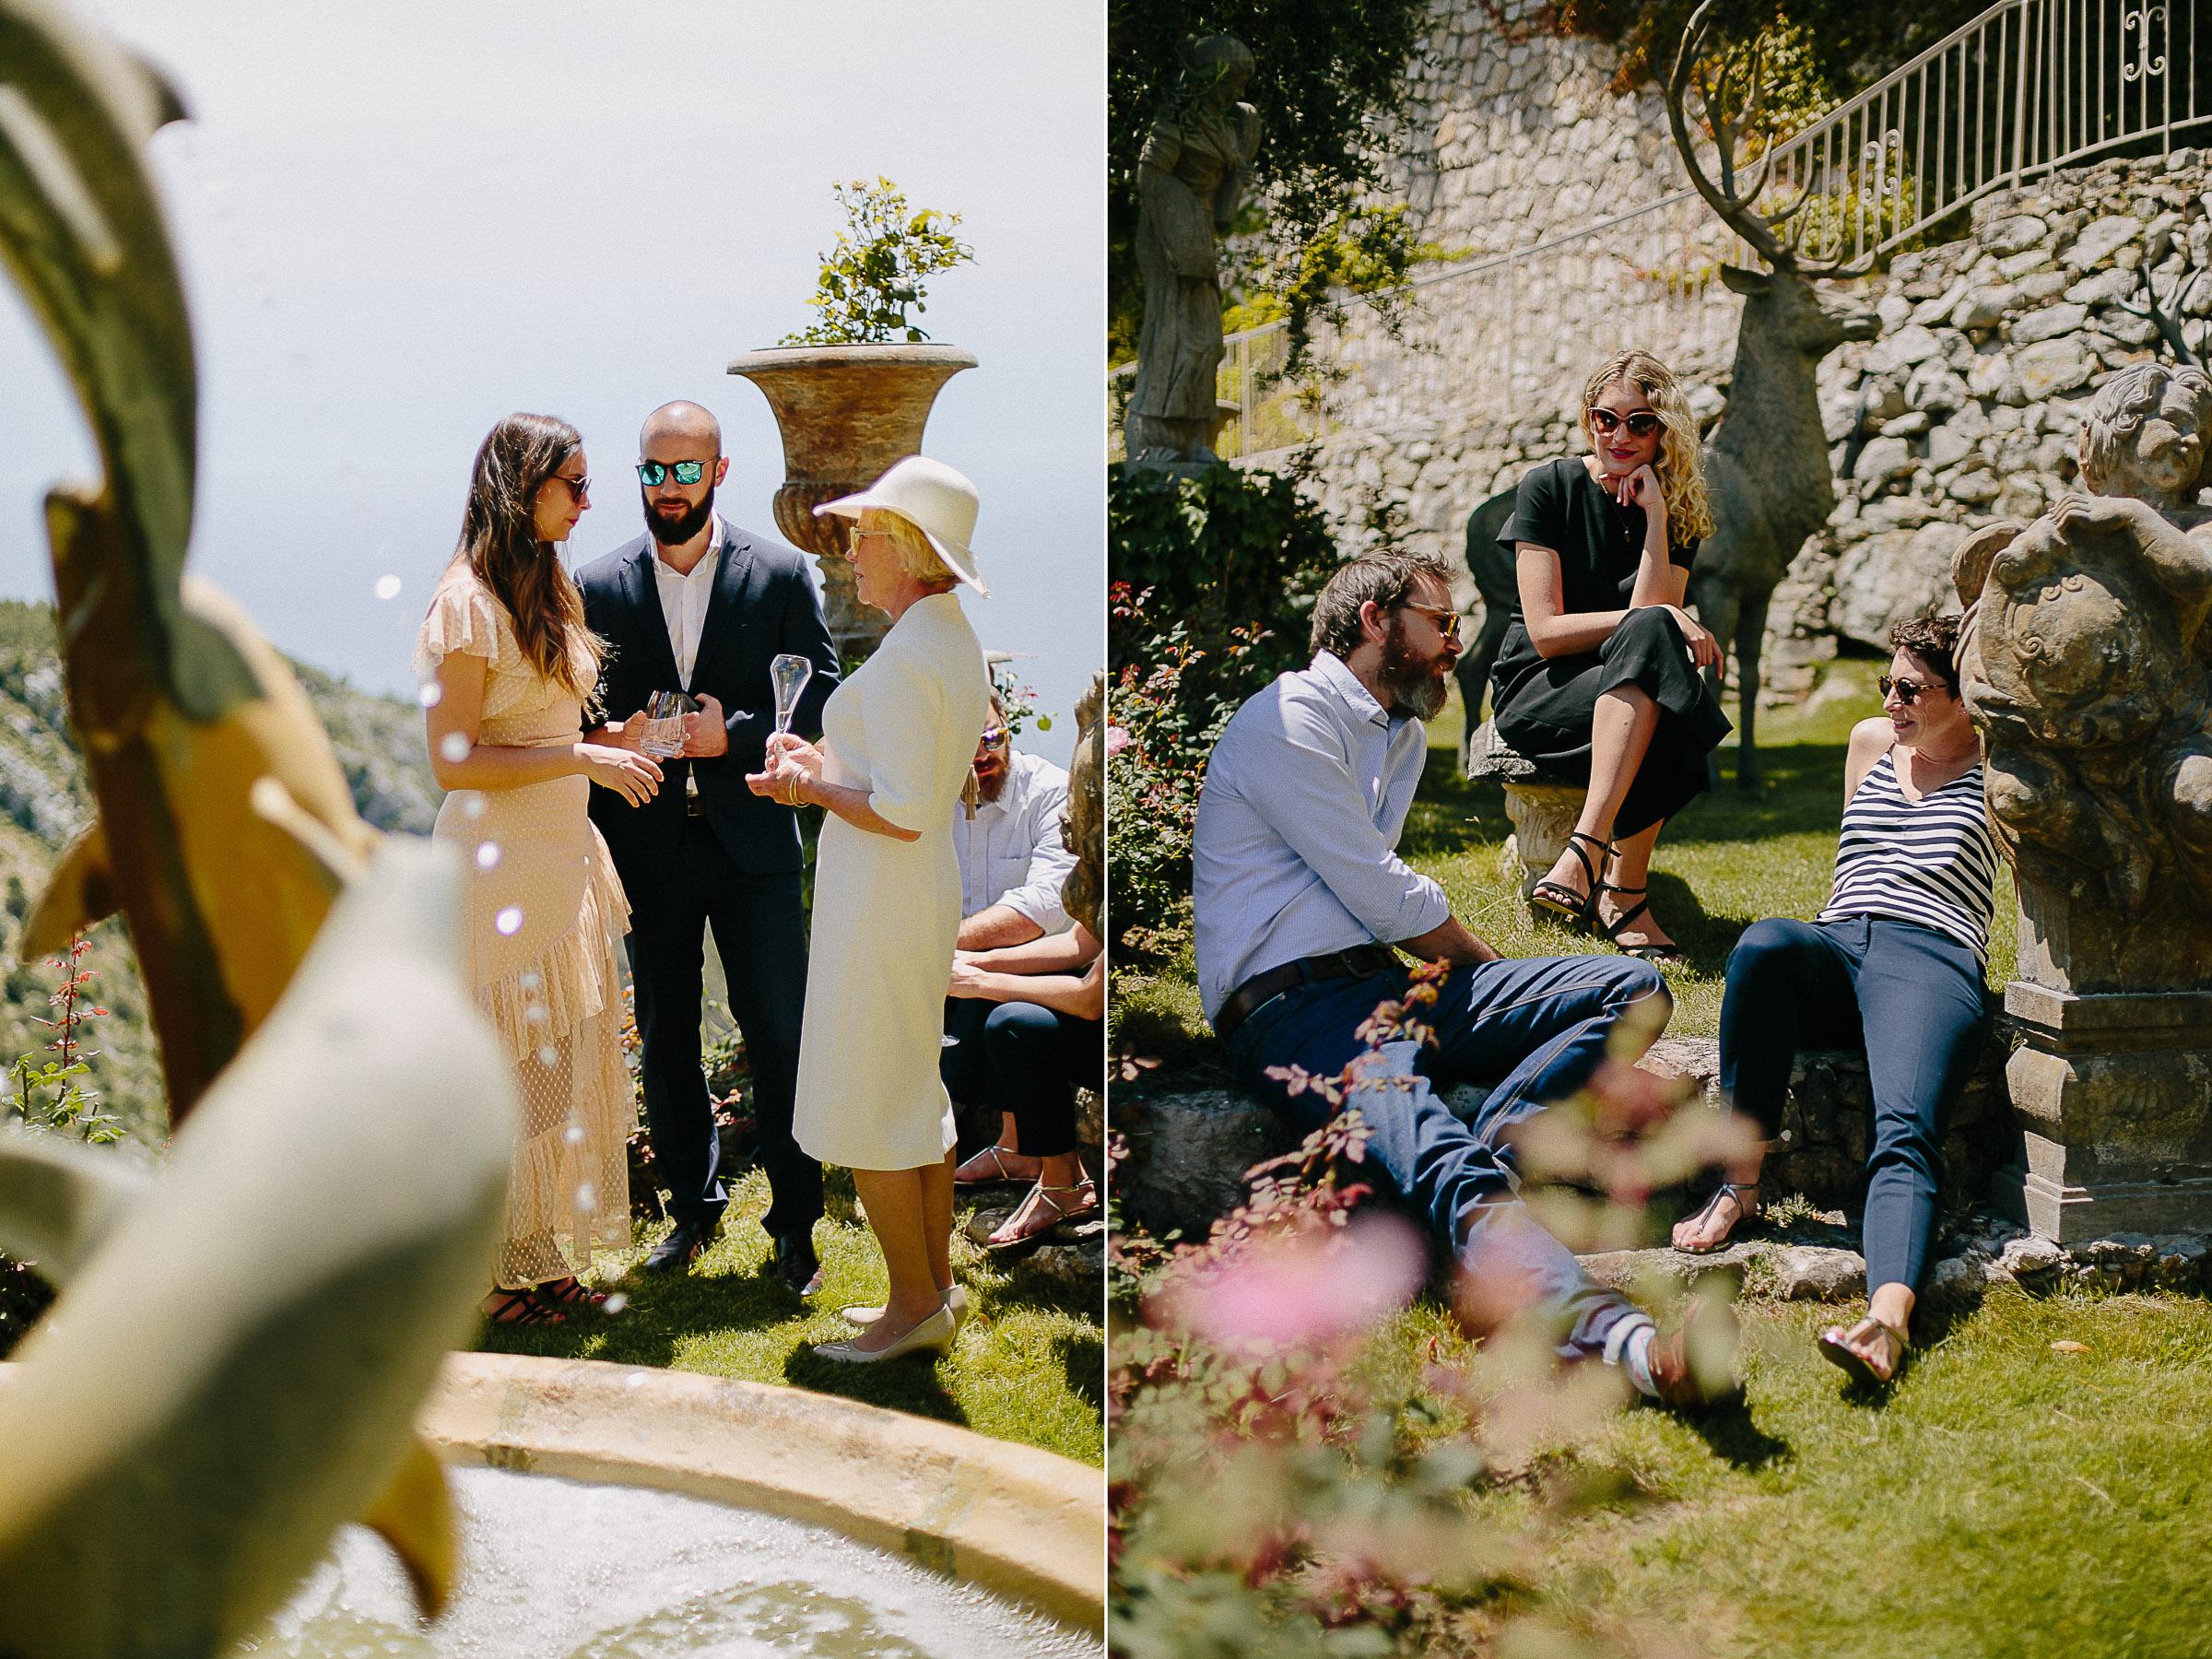 Monaco_Ezze_Wedding-30.jpg